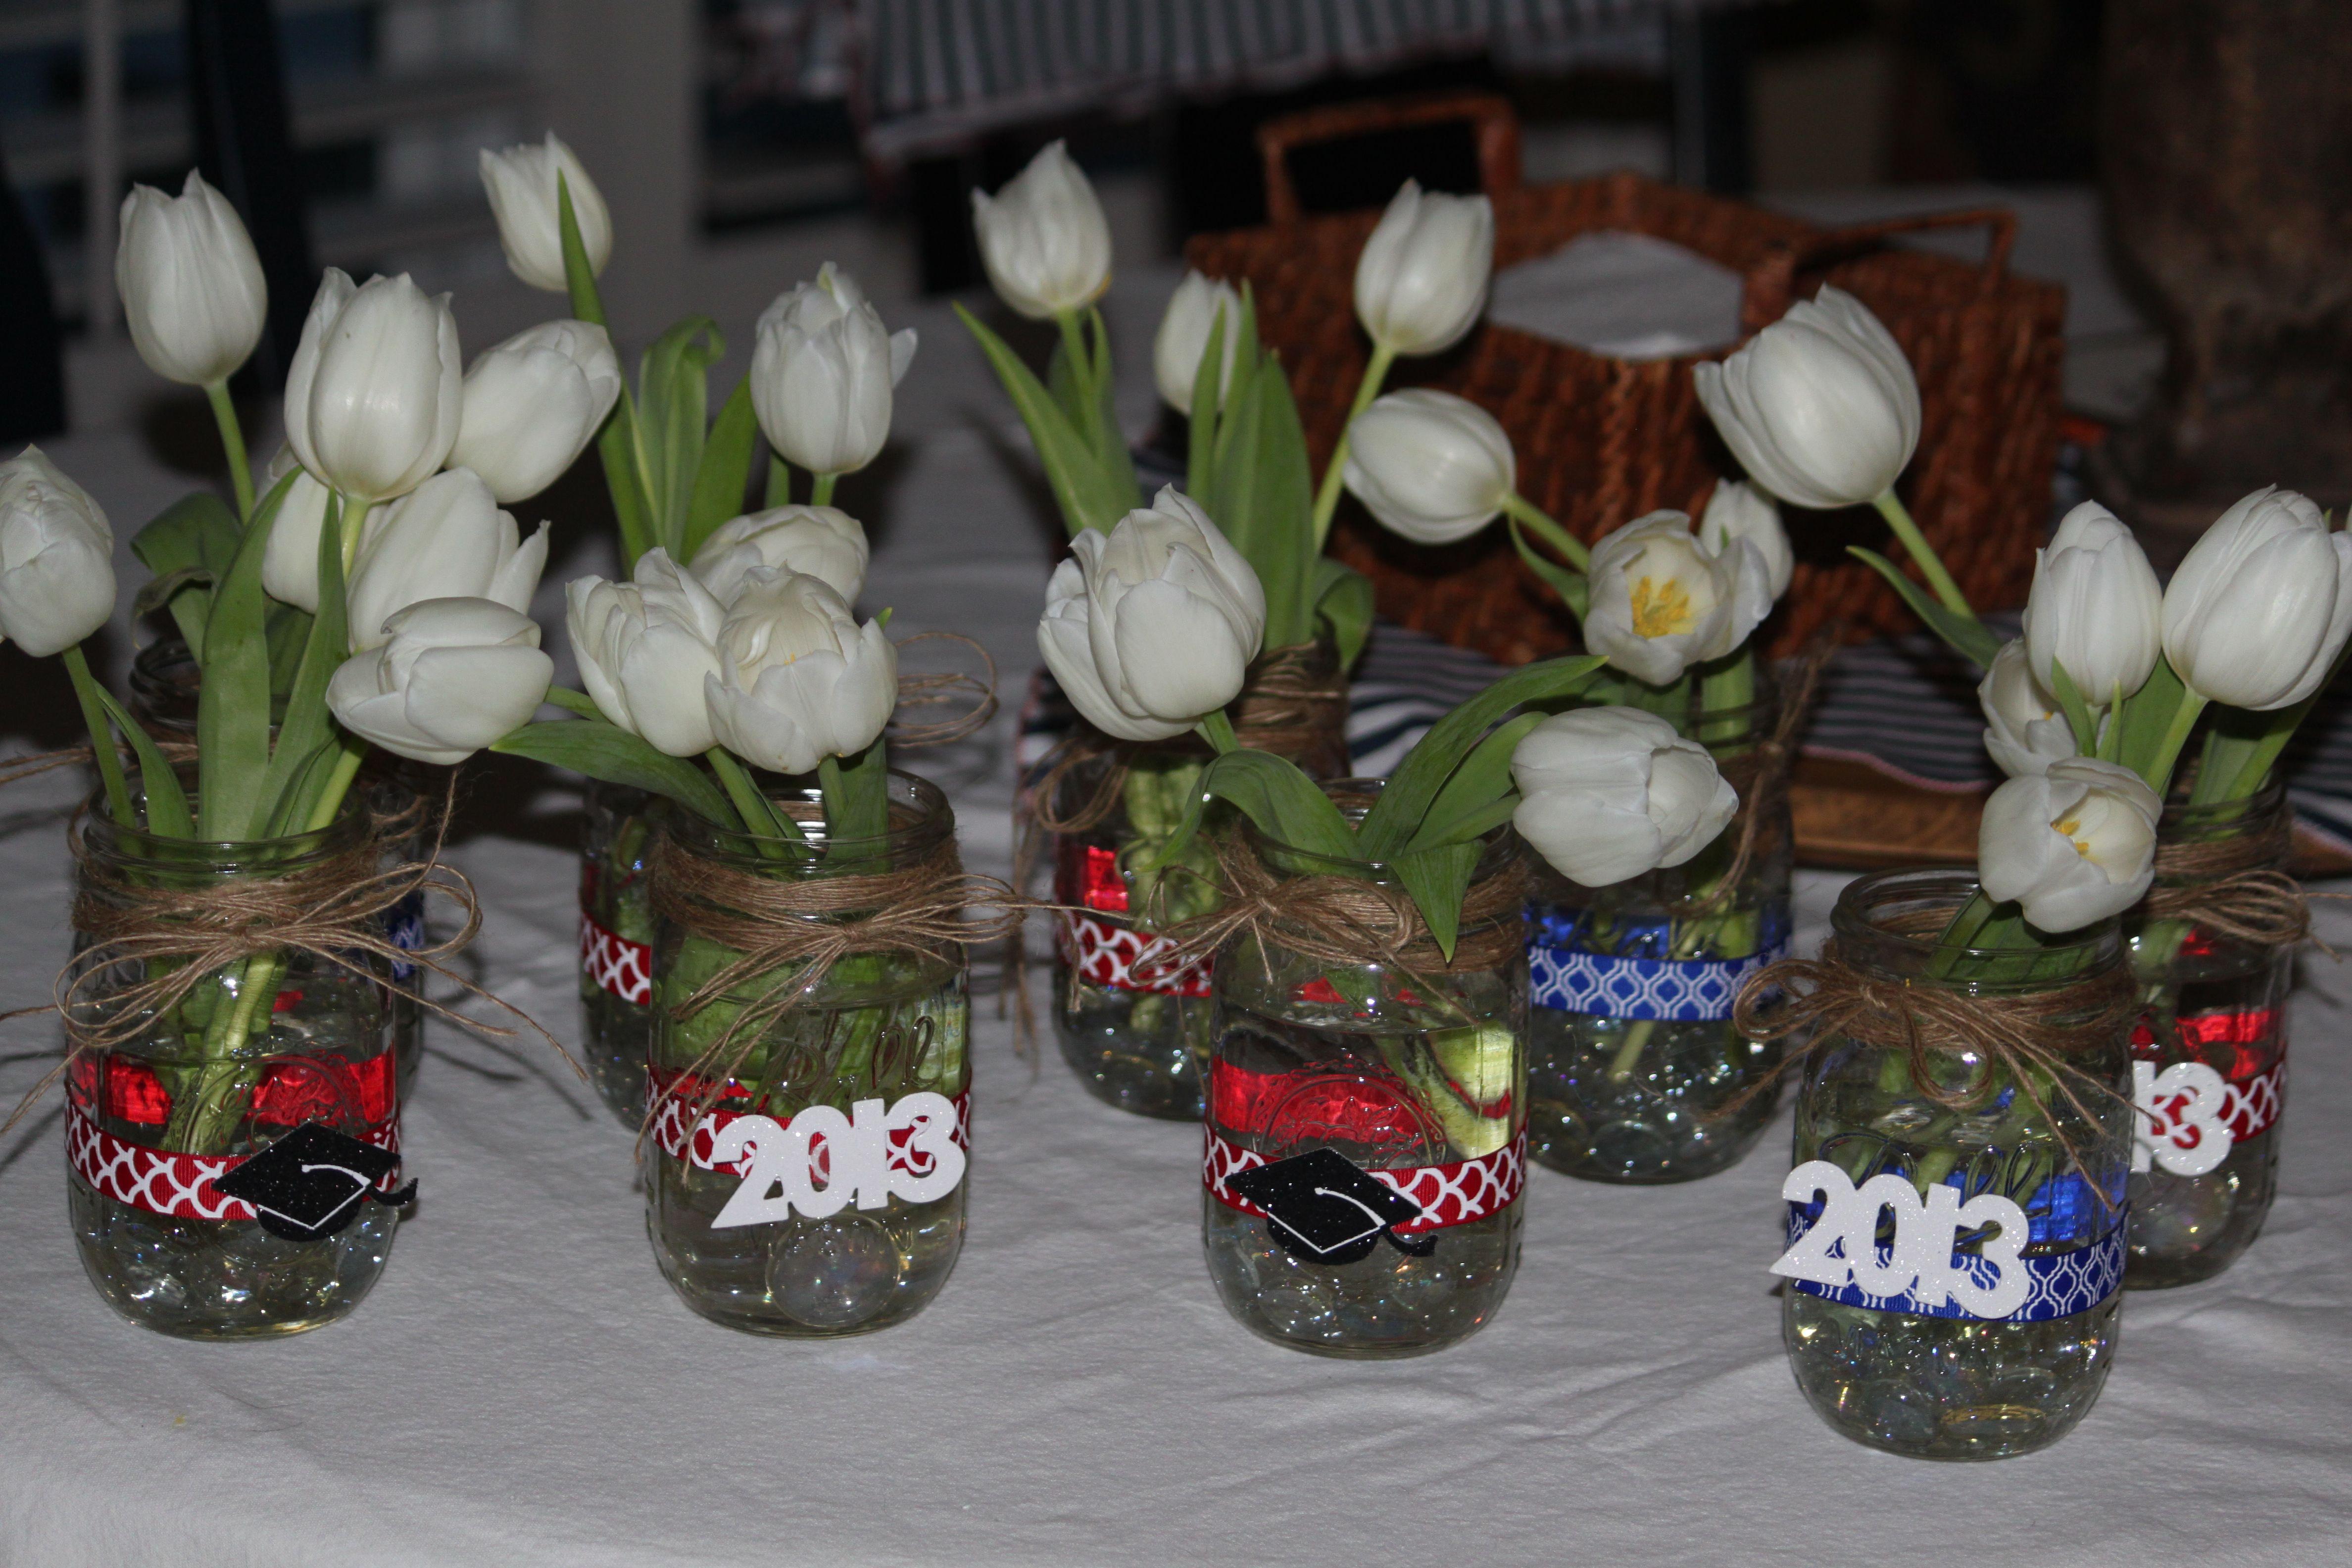 Centerpiece Ideas For Graduation Party  graduation party centerpieces Grad Party